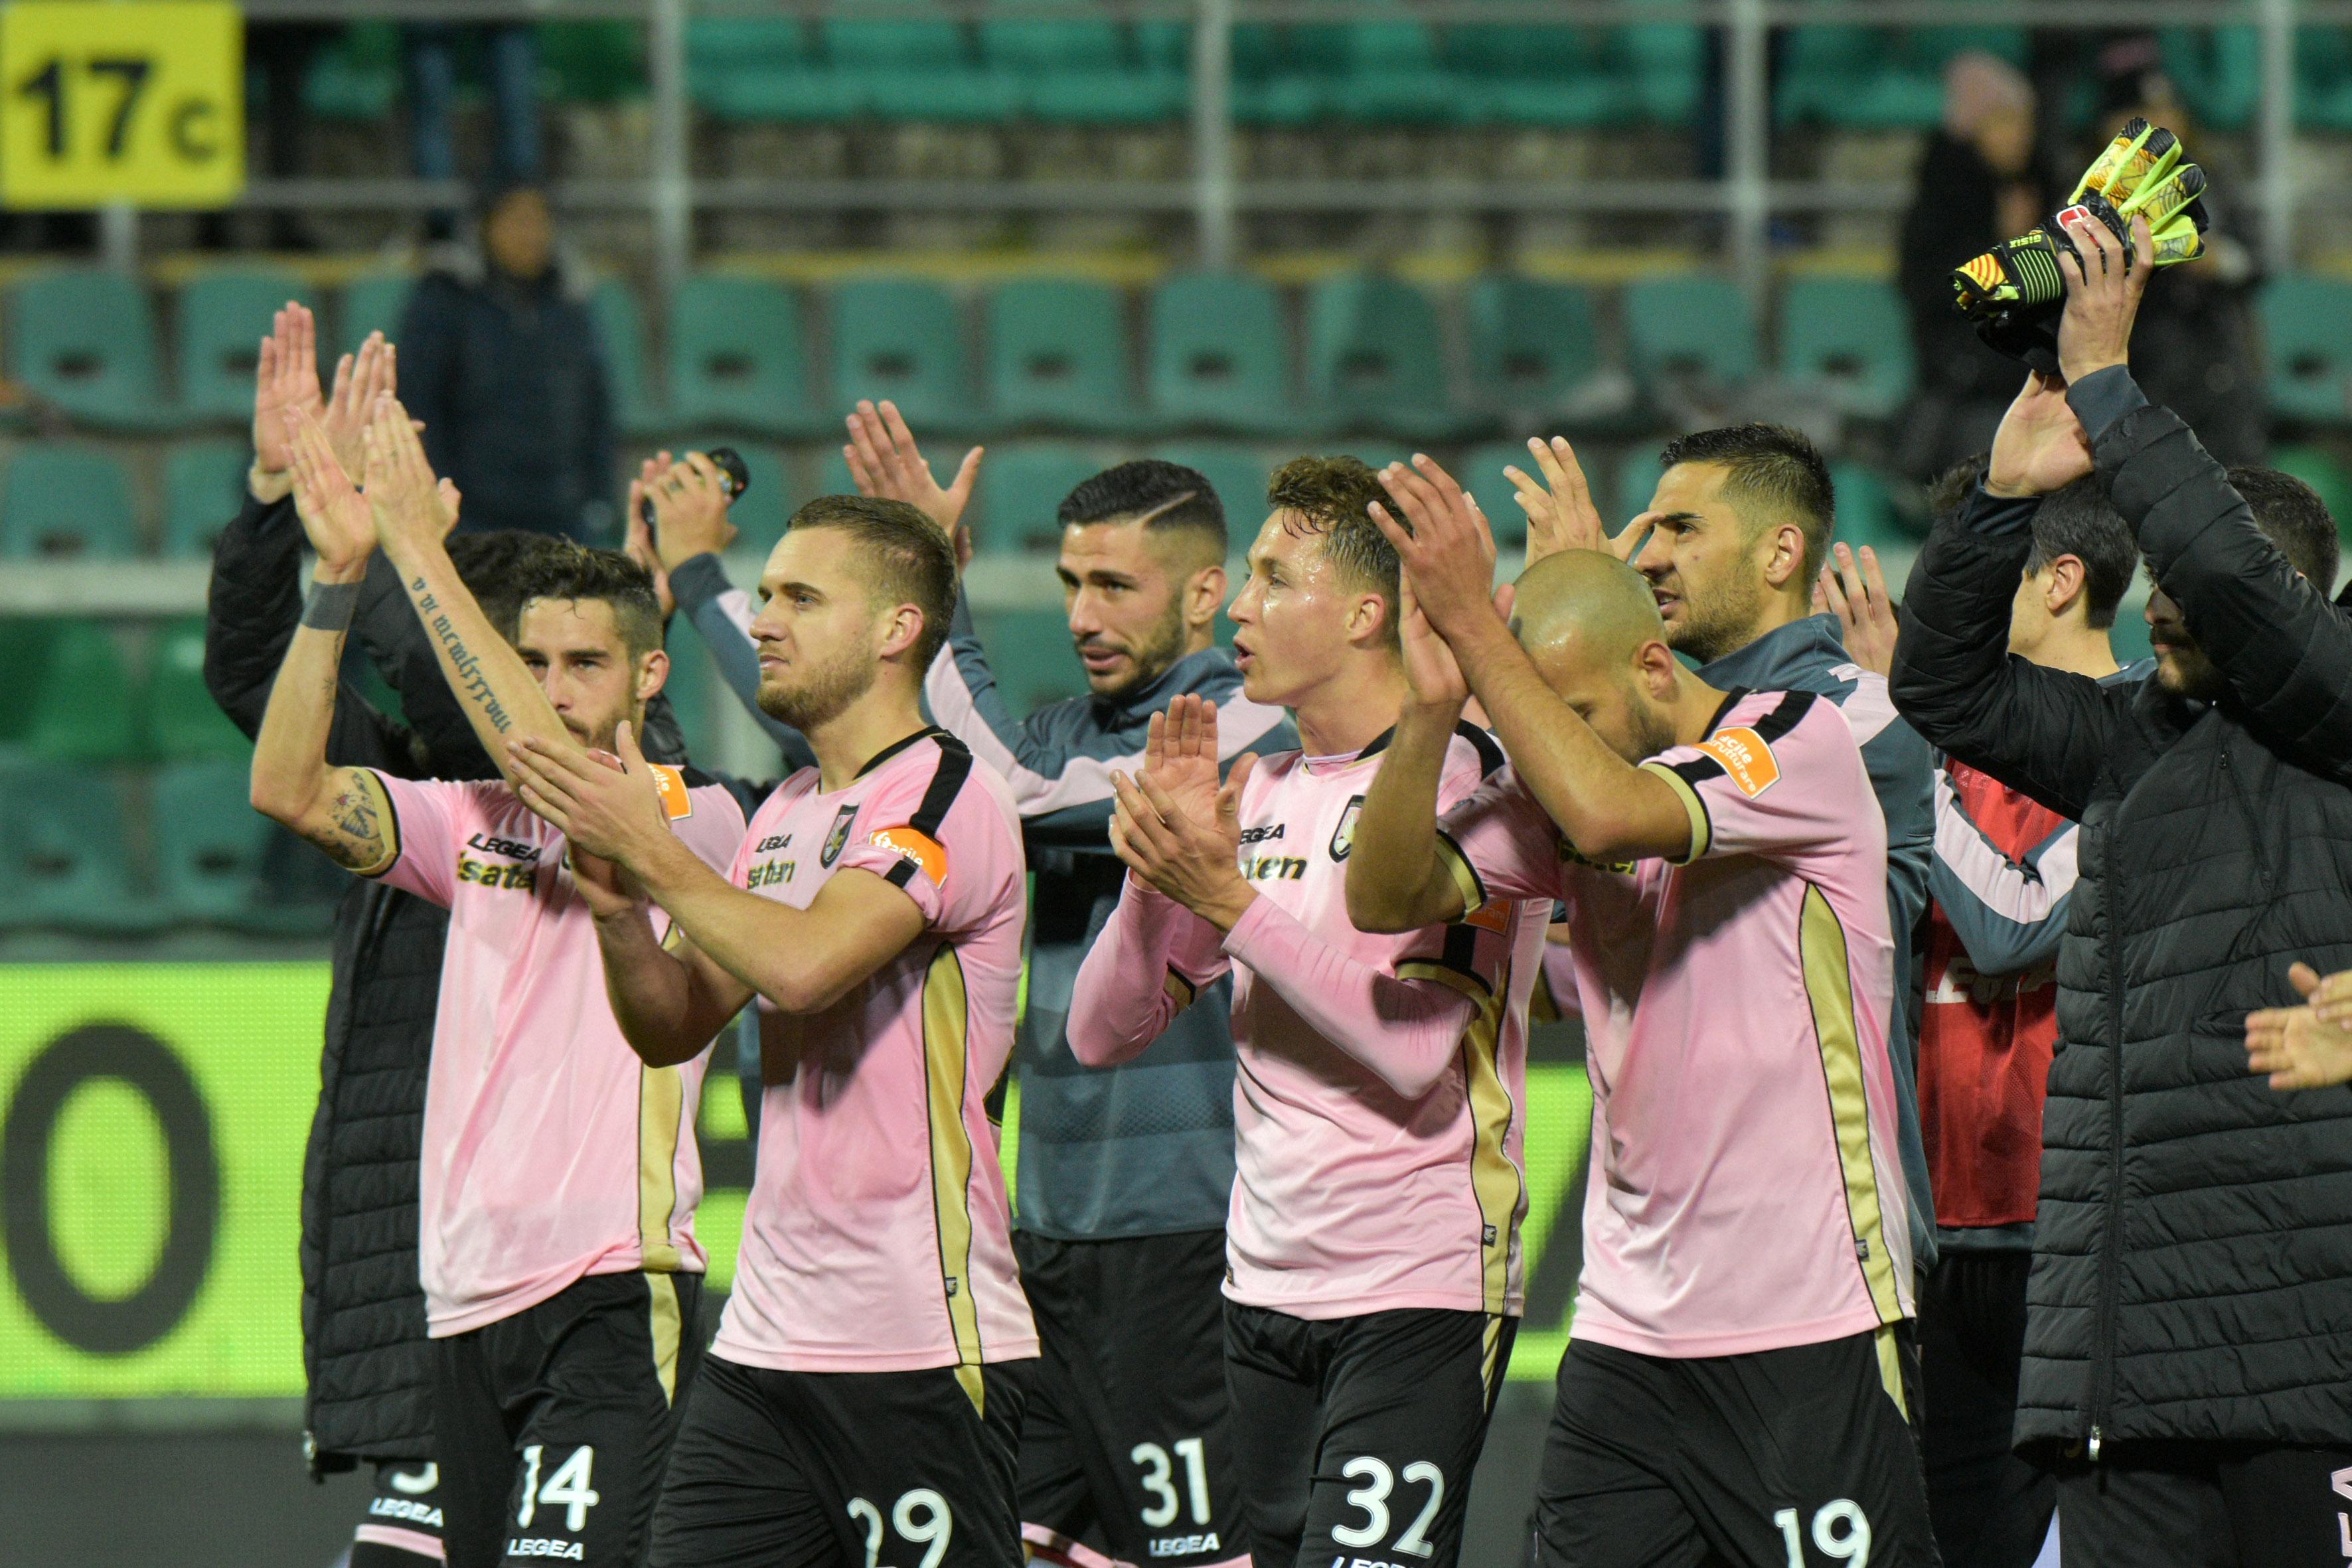 """Una stagione, due volti. Come l'anno scorso, il Palermo ha cambiato completamente faccia. E non solo la squadra ma anche il suo tecnico che sembra avere smarrito la serenità e il carisma con cui aveva condotto la stagione. La sconfitta di Pescara, per quanto immeritata e casuale, fa parte dell'altra faccia della medaglia. E speriamo che sia l'ultima. Stellone ha guidato la squadra per 24 partite e la storia della sua stagione può essere divisa perfettamente in due cicli di 12 partite, due cicli agli antipodi per risultati, umore e rendimento. Lo """"Stellone 1"""" coincide con la striscia di risultati"""